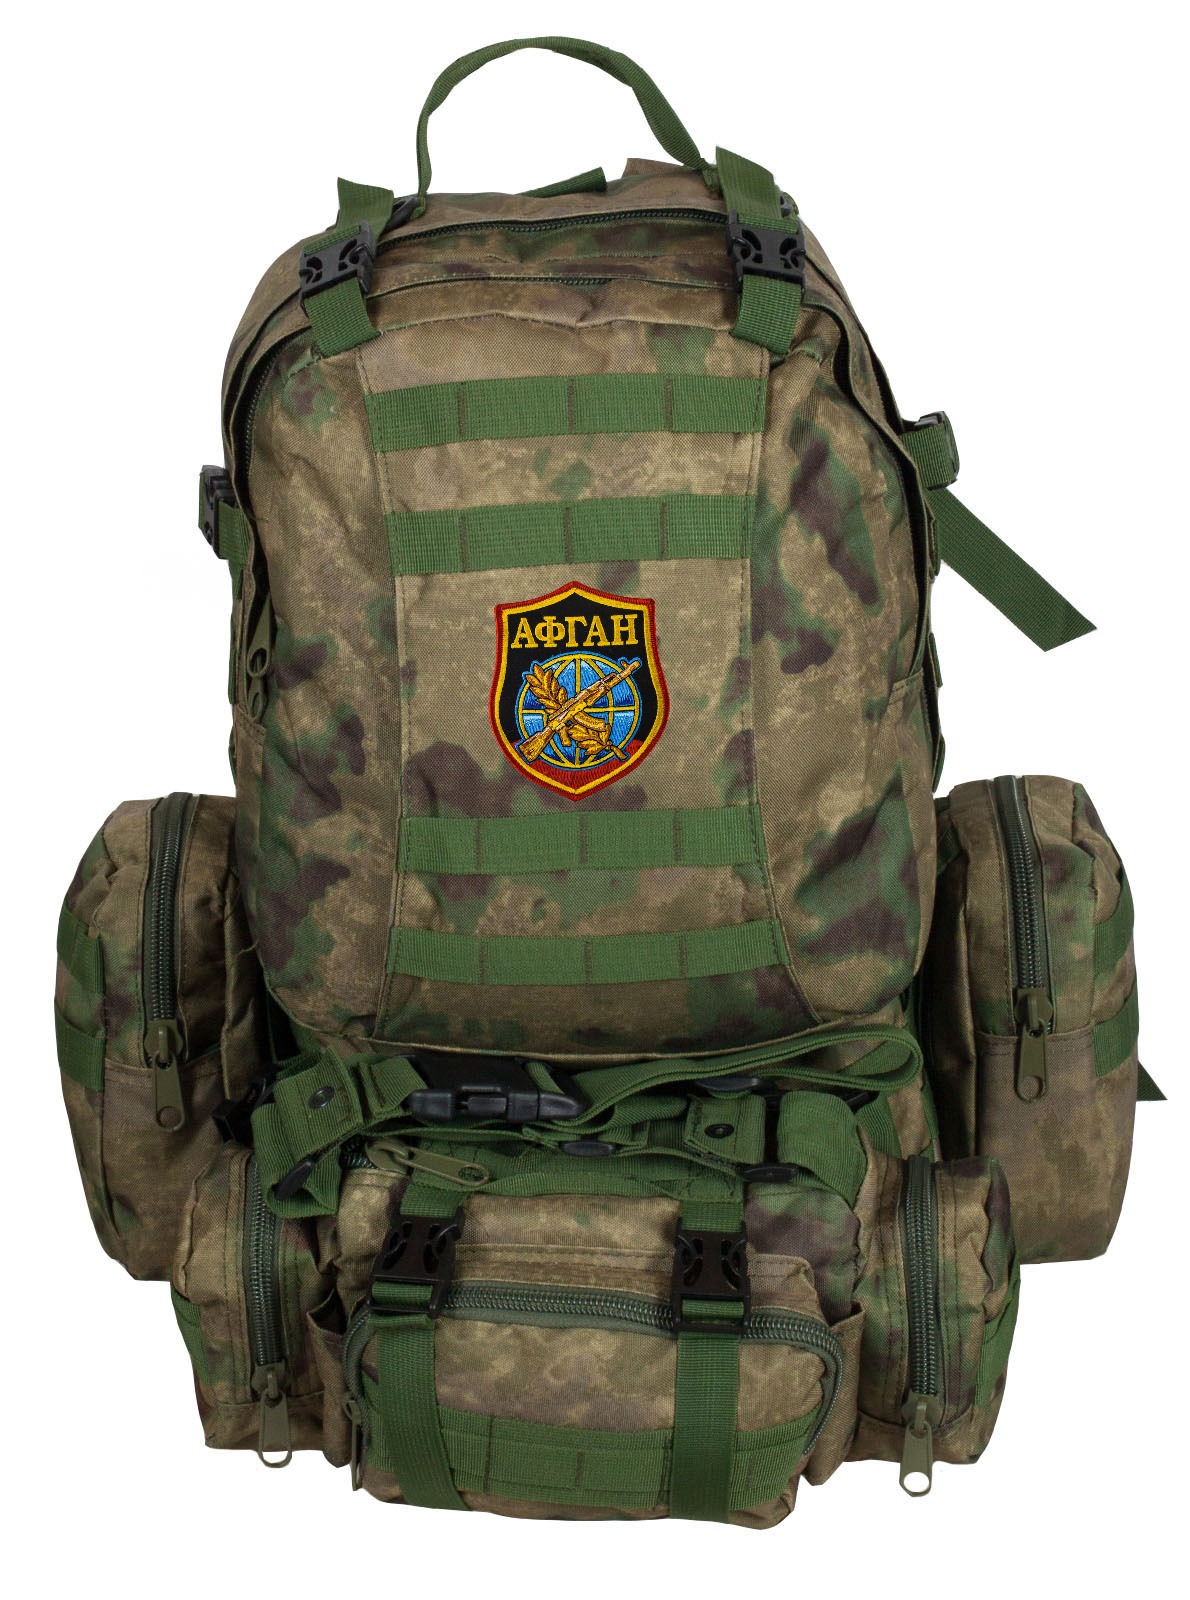 Армейский тактический рюкзак с нашивкой Афган - купить выгодно